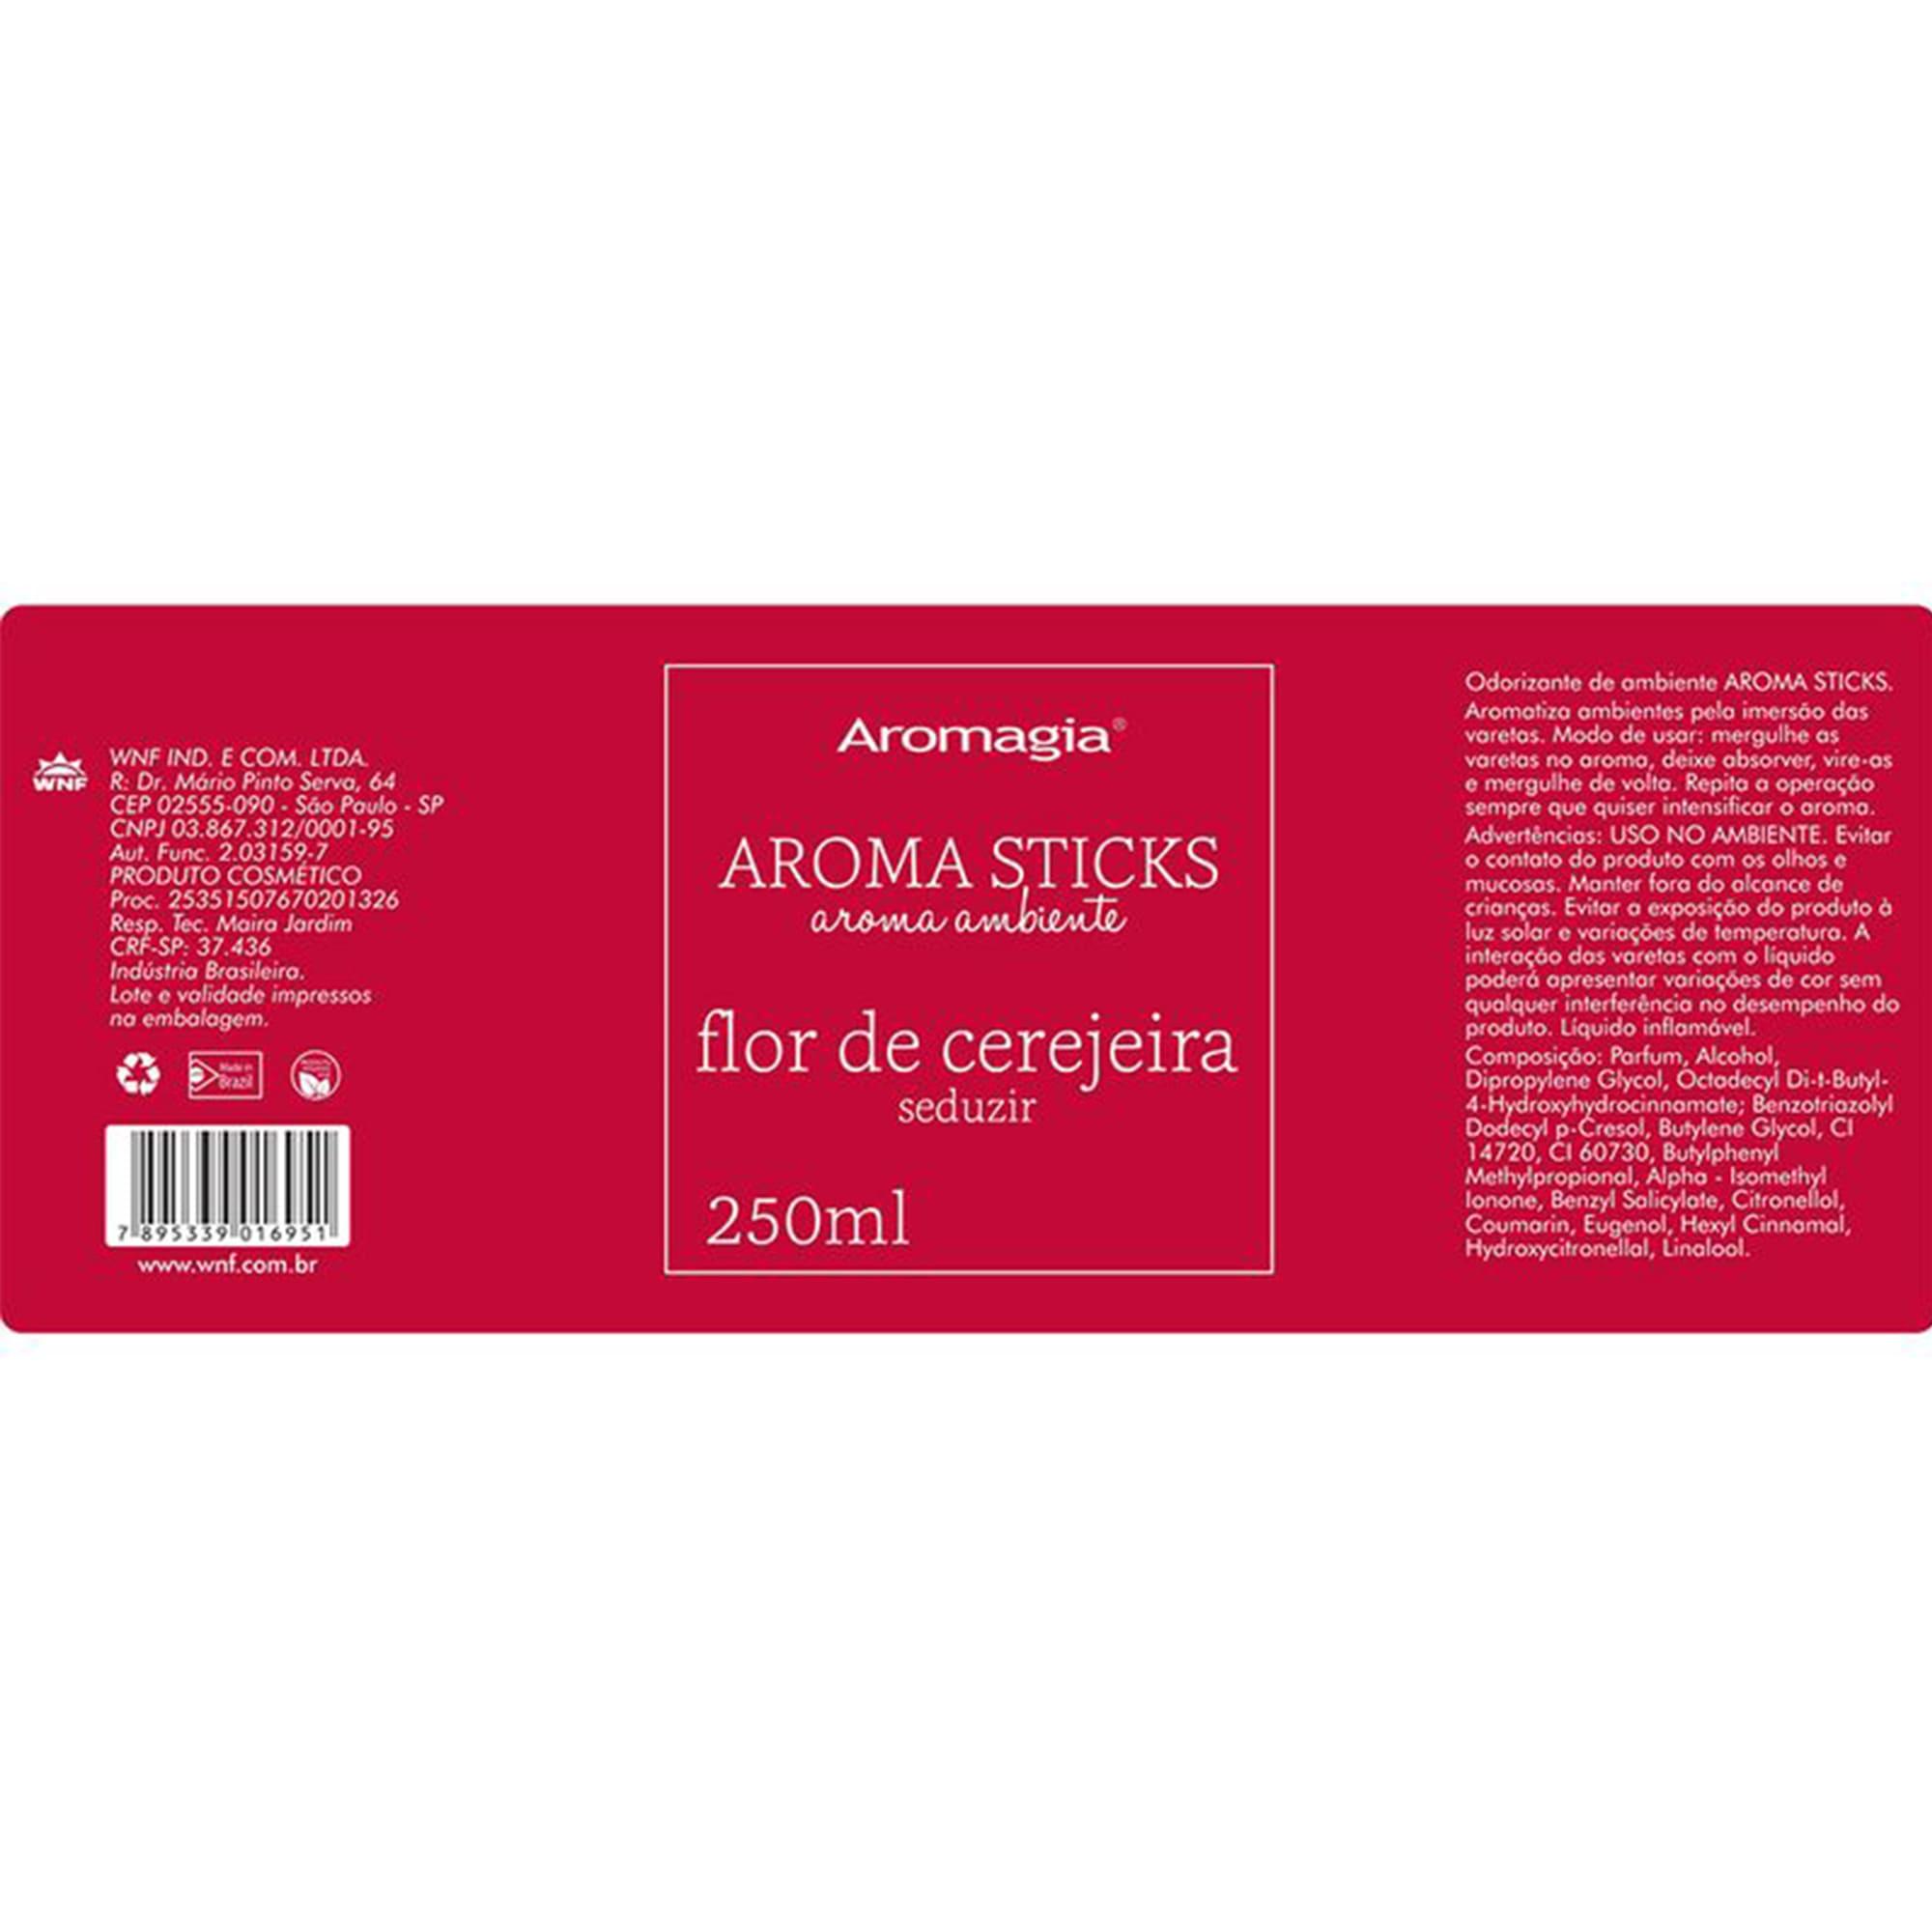 Difusor por varetas Aroma Sticks Aromagia 250ml - Flor de Cerejeira - WNF